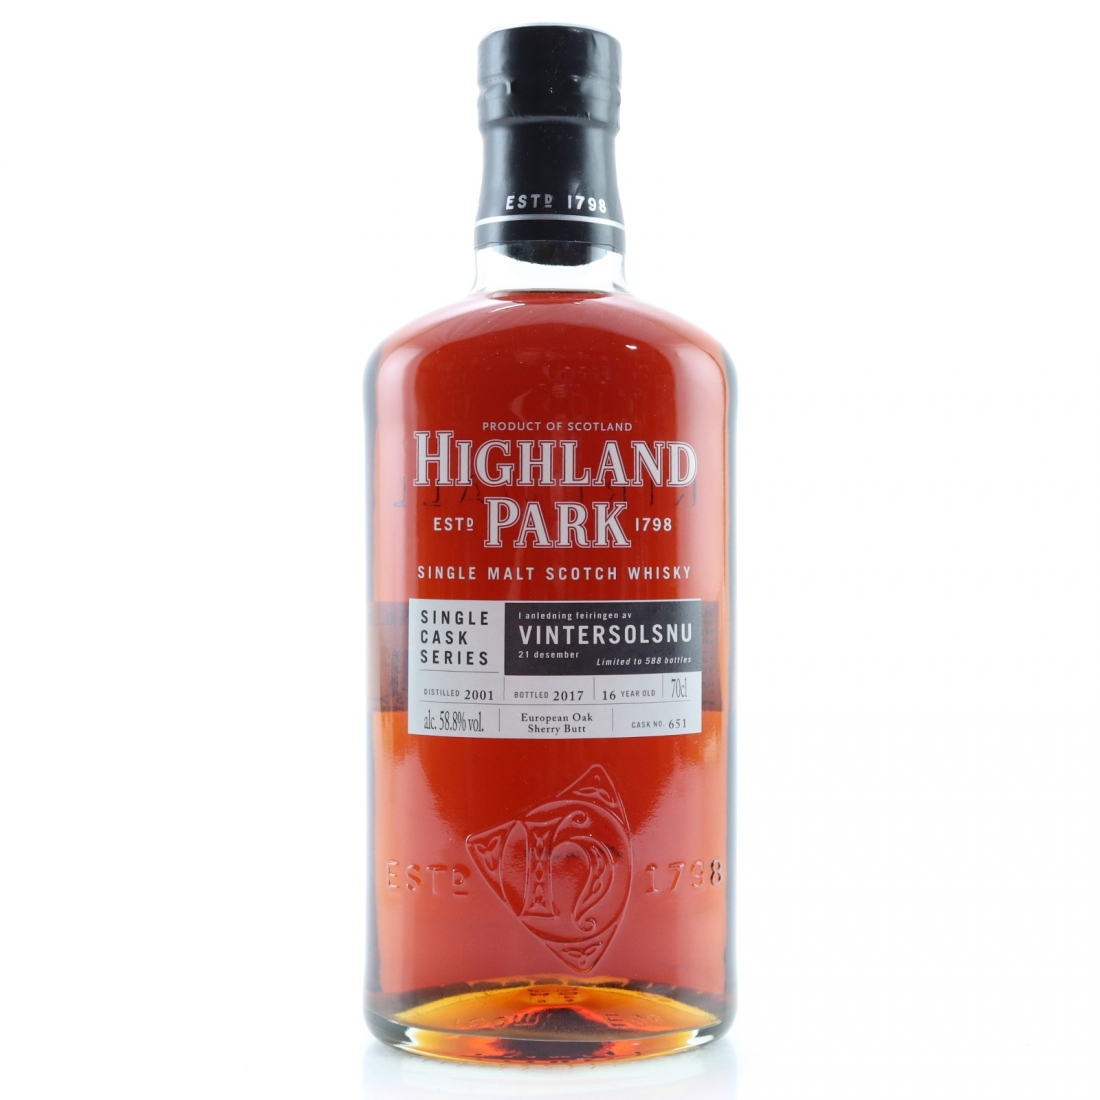 Highland Park 2001 Single Cask 16 Year Old #651/ Vintersolsnu